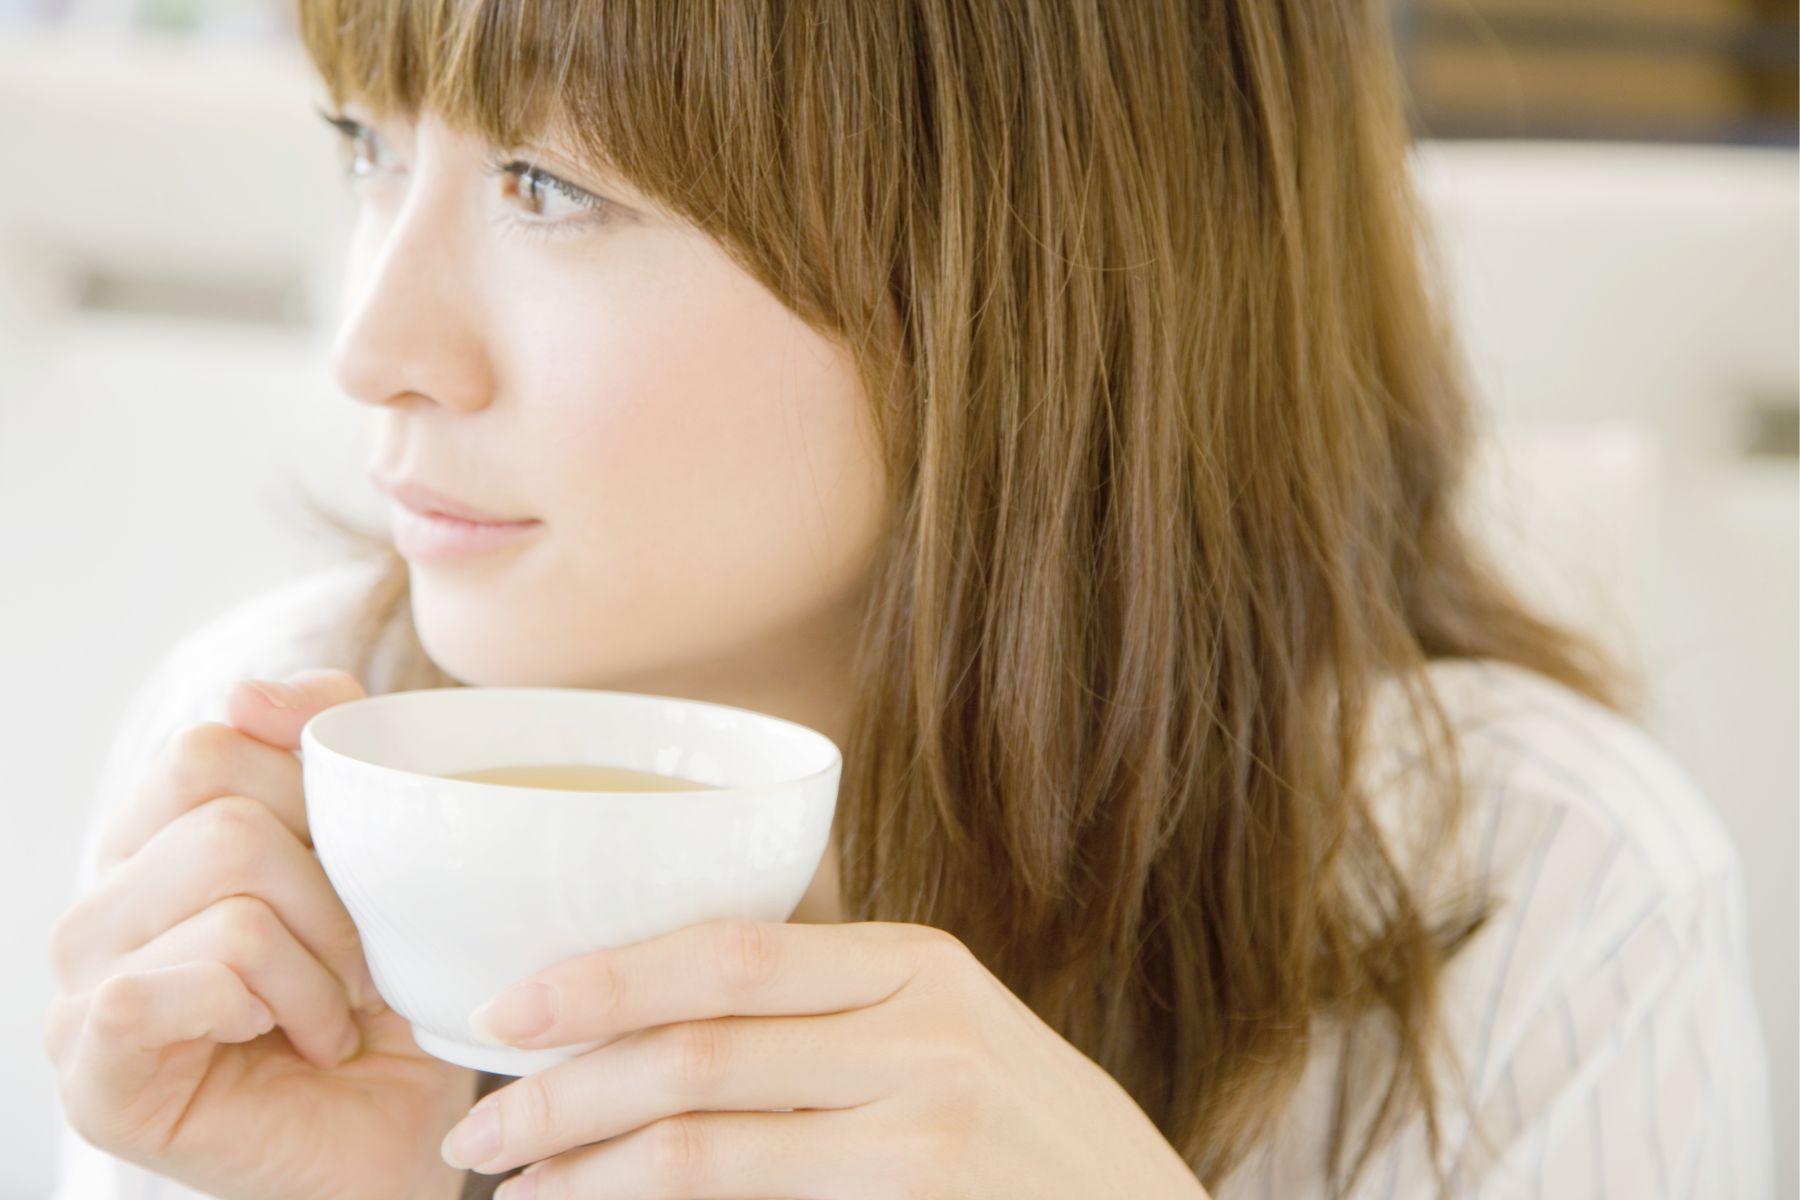 更年期能喝咖啡嗎?會加劇盜汗、熱潮紅症狀?解析腎陰虛、腎陽虛體質:「這樣喝」改善憂鬱、情緒低落